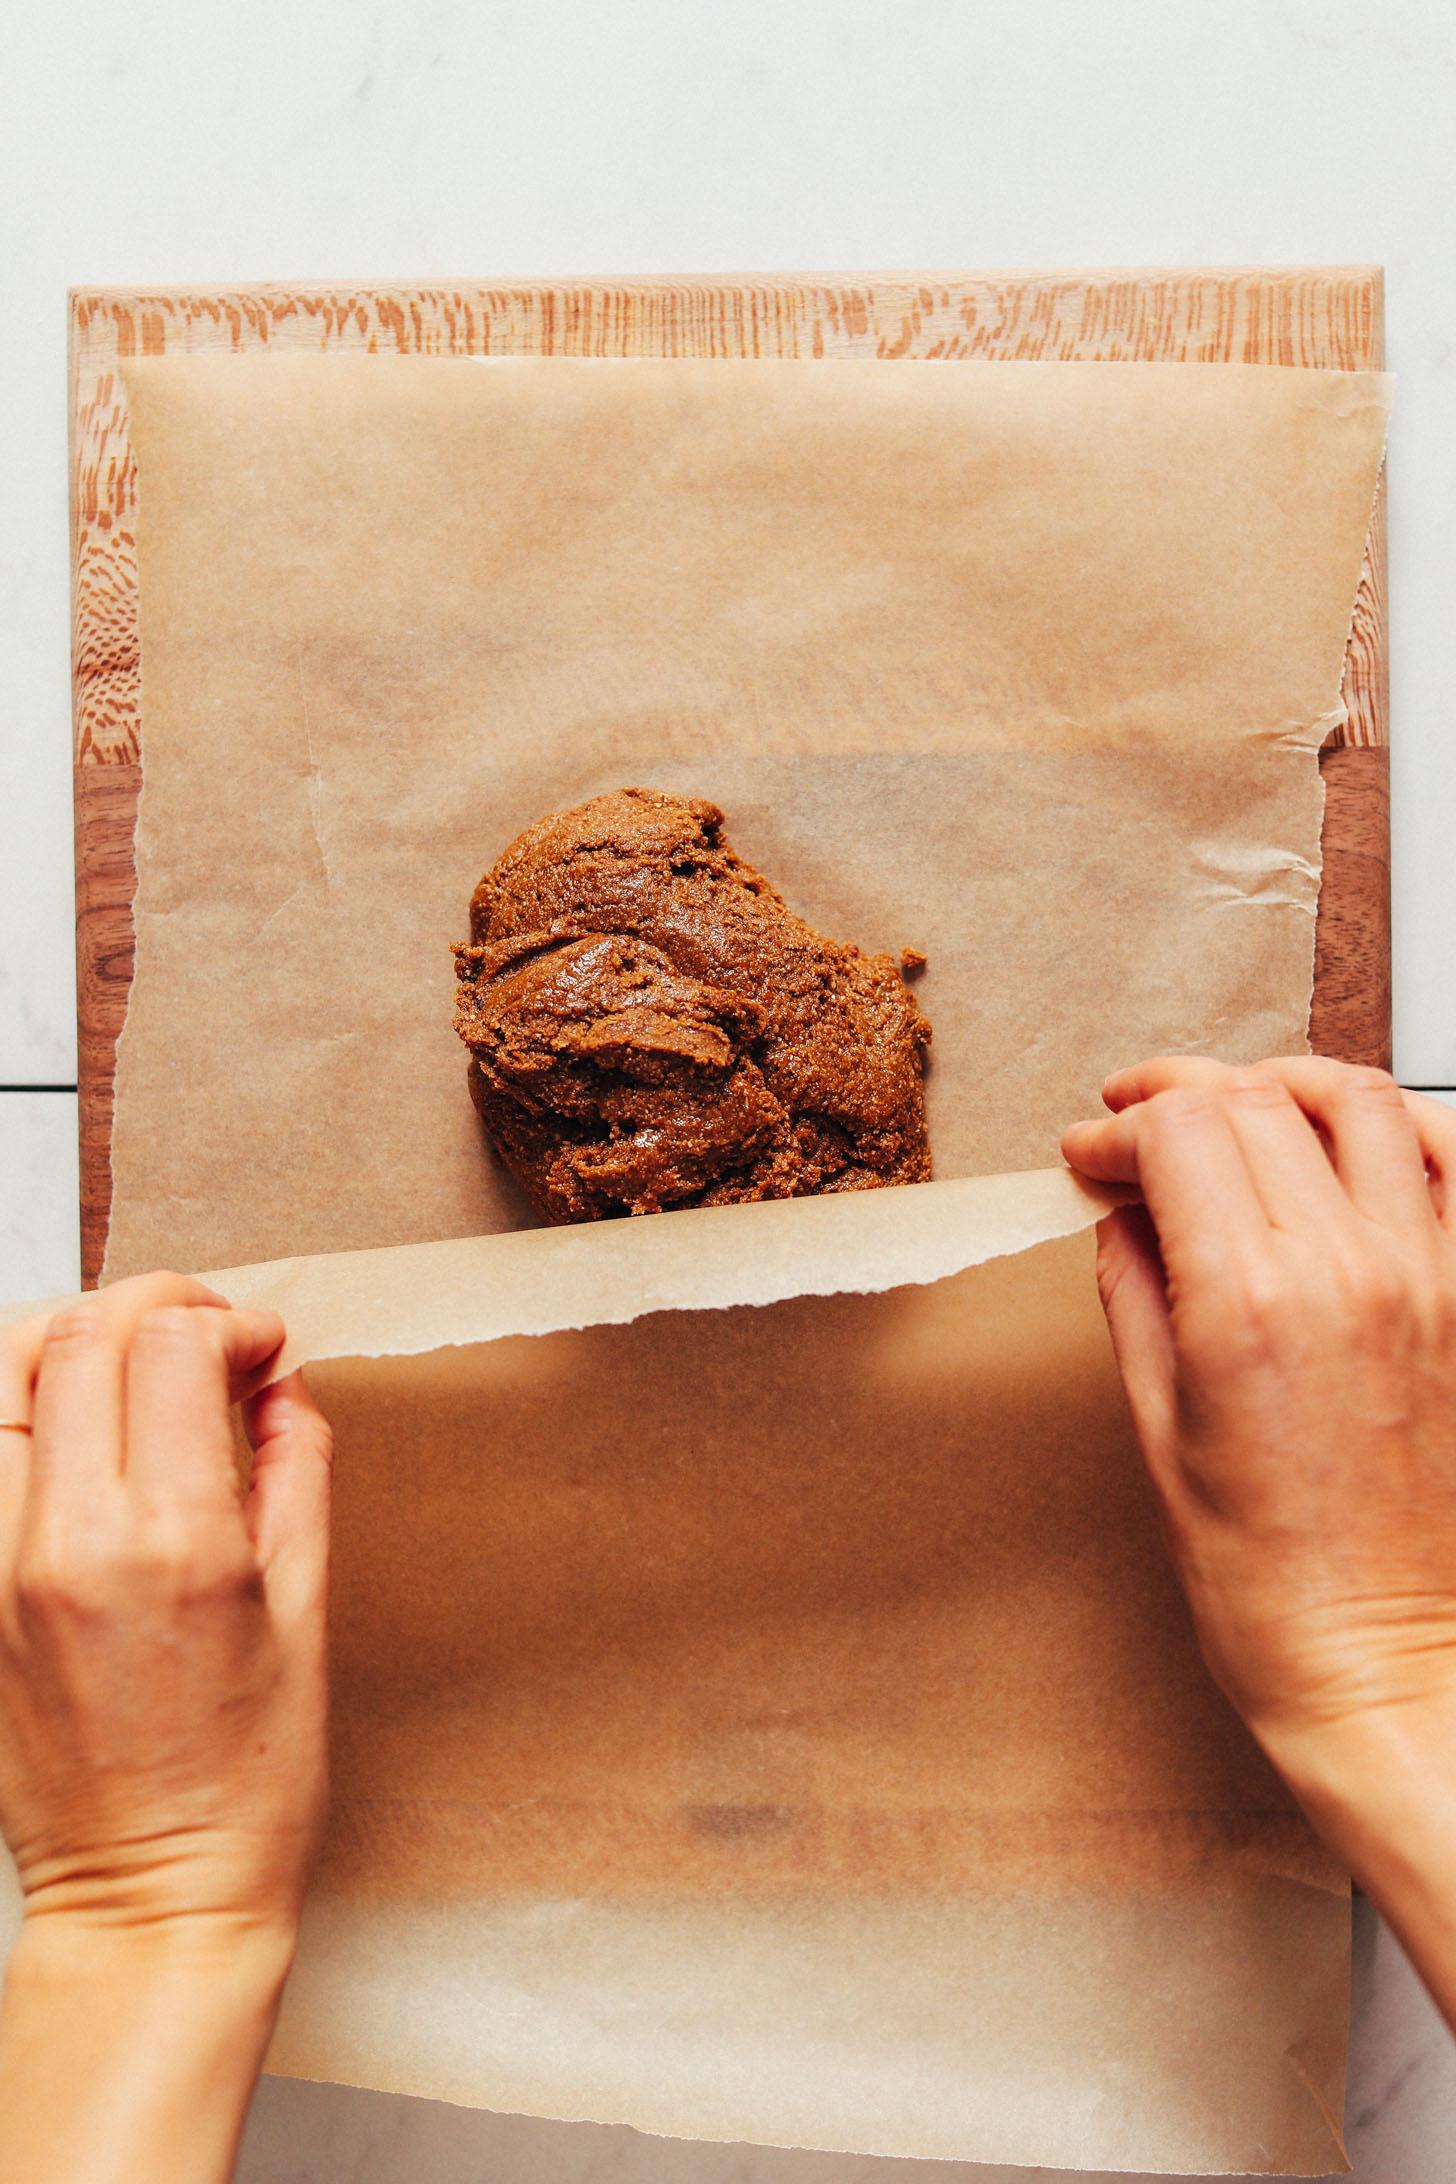 Sütőpapírt helyezünk egy gluténmentes graham krakkoló tészta gömbjére, hogy laposra gördüljön